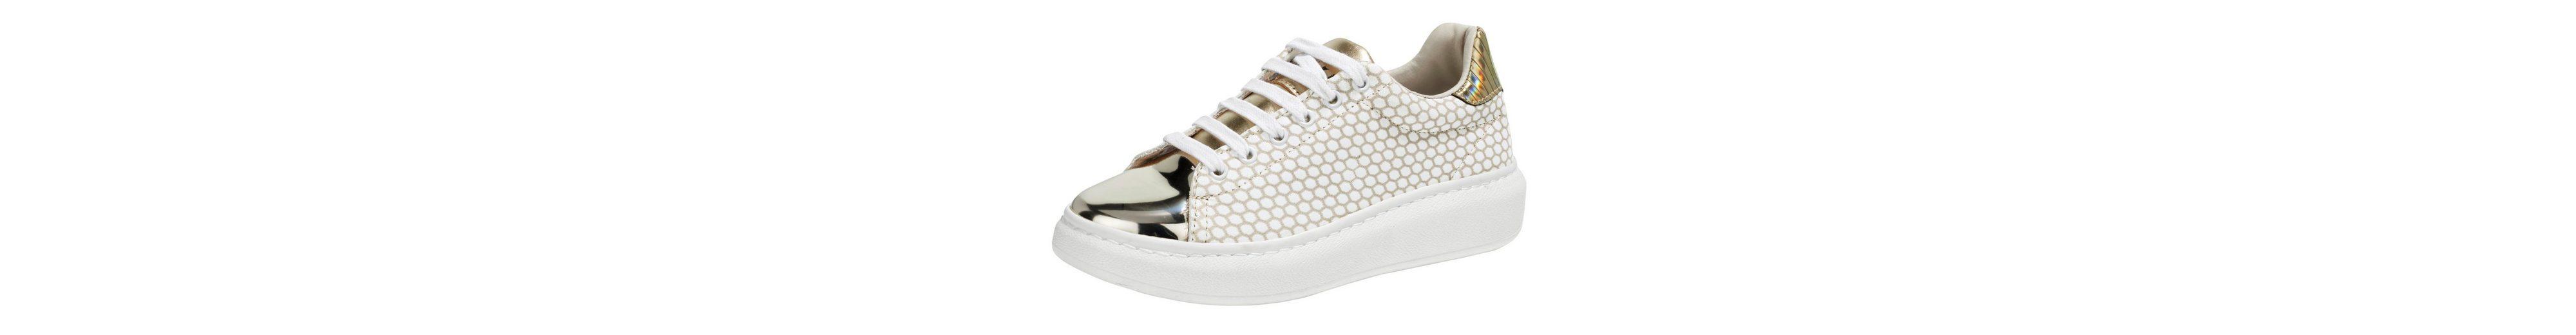 Heine Sneaker Günstige Spielraum Store Manchester Große Online-Verkauf sUiU1QQp